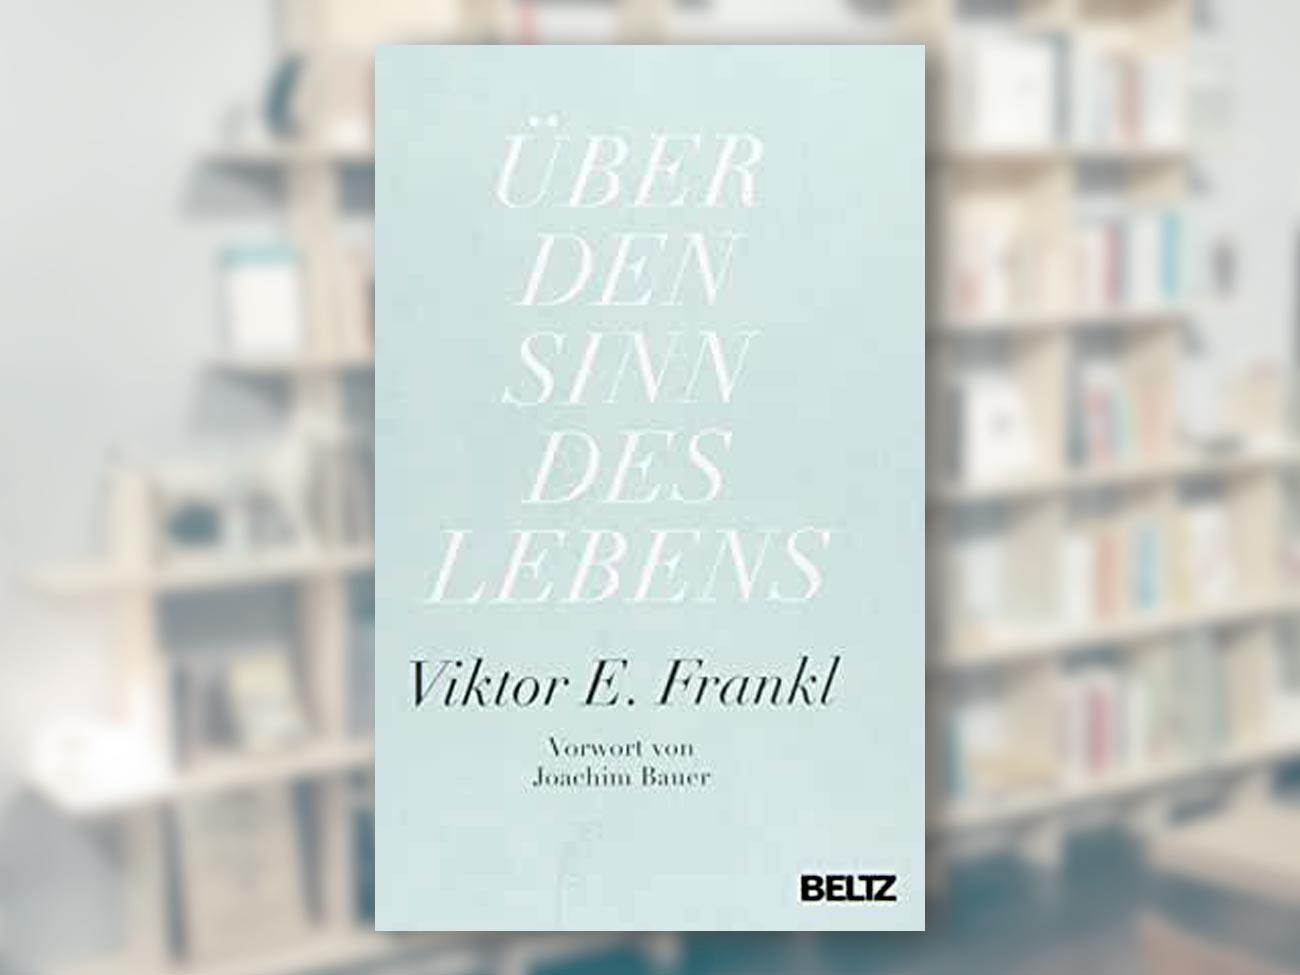 Frankl, Viktor E. Frankl, Über den Sinn des Lebens